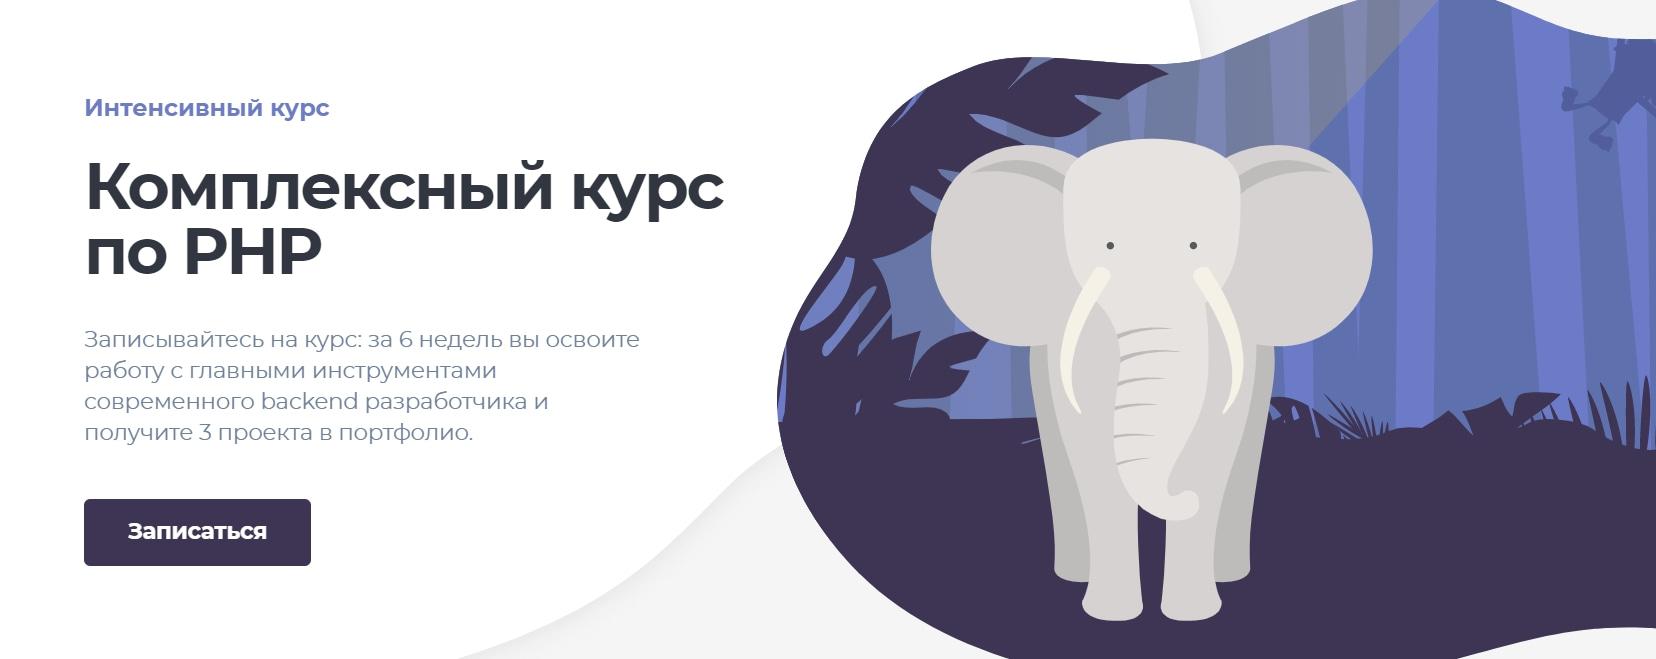 Записаться на Комплексный курс по PHP от Loftschool